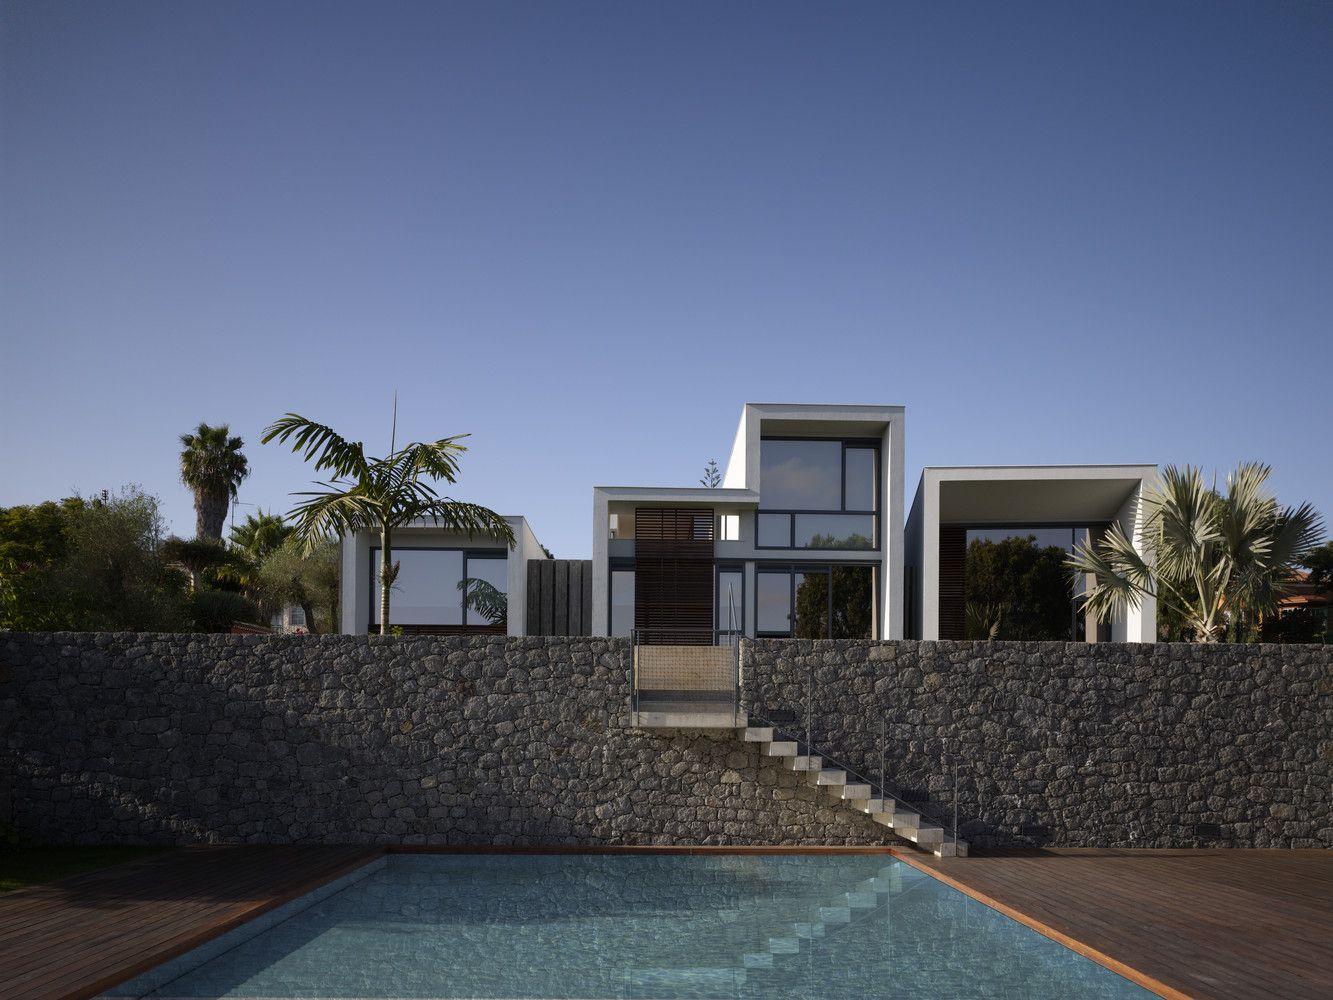 Casa Z,Cortesía de nred arquitectos